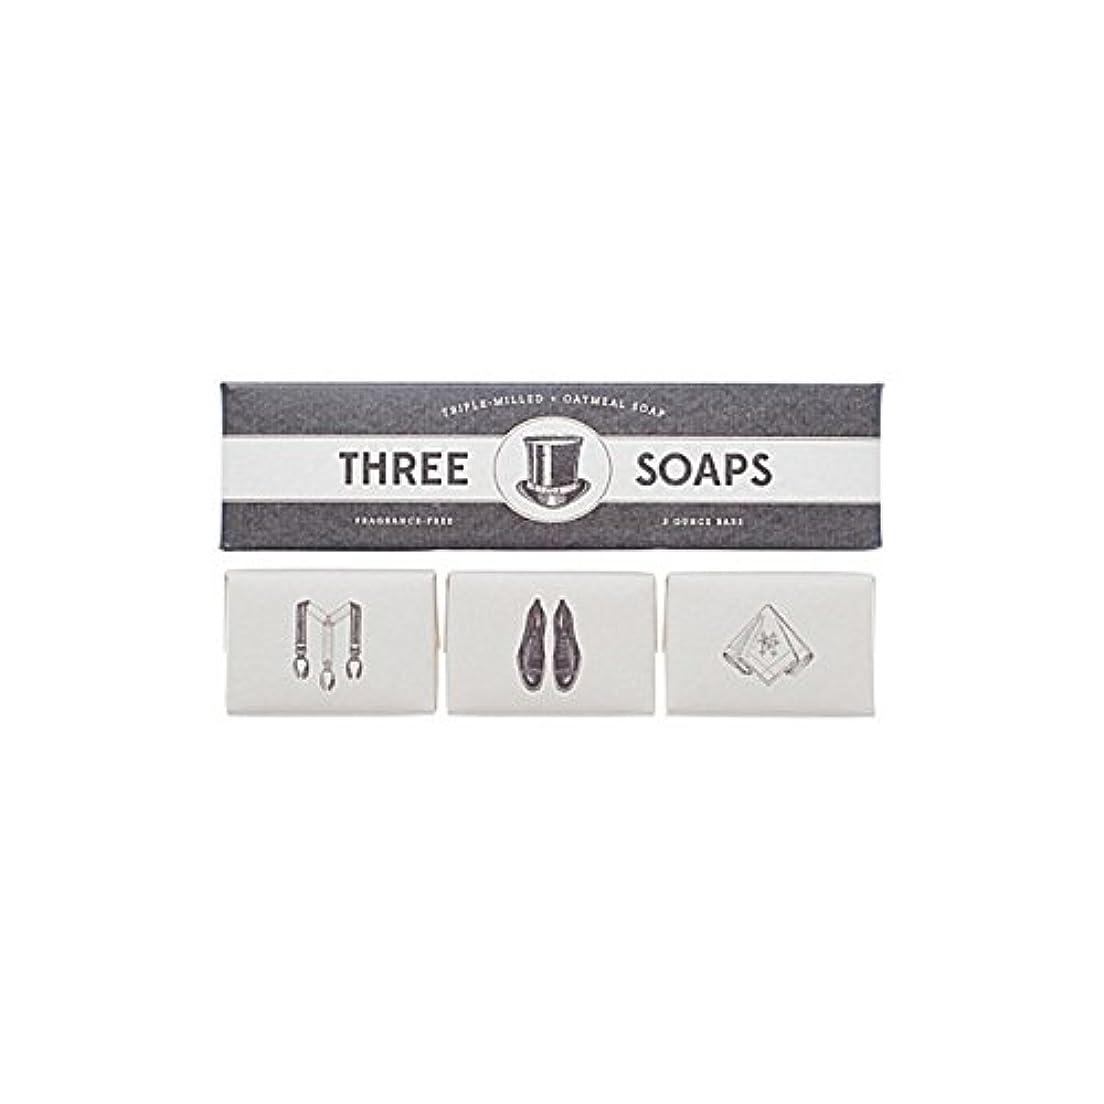 発生する華氏反射石鹸のイゾラトリオ x2 - Izola Trio Of Soaps (Pack of 2) [並行輸入品]